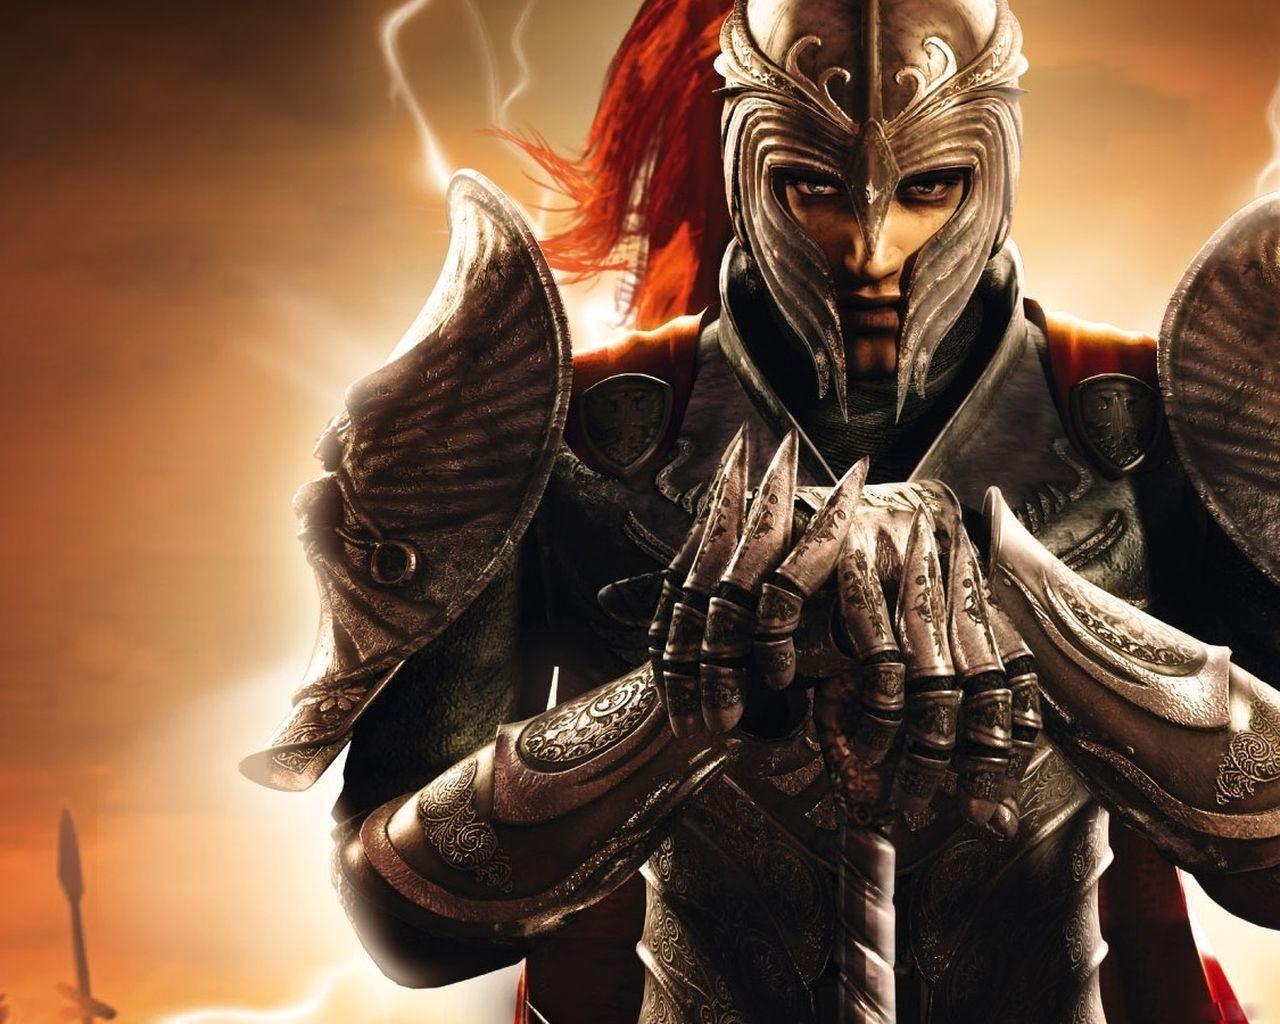 рыцарь в тяжелых доспехах, рисунок, обои для рабочего стола, скачать, knight